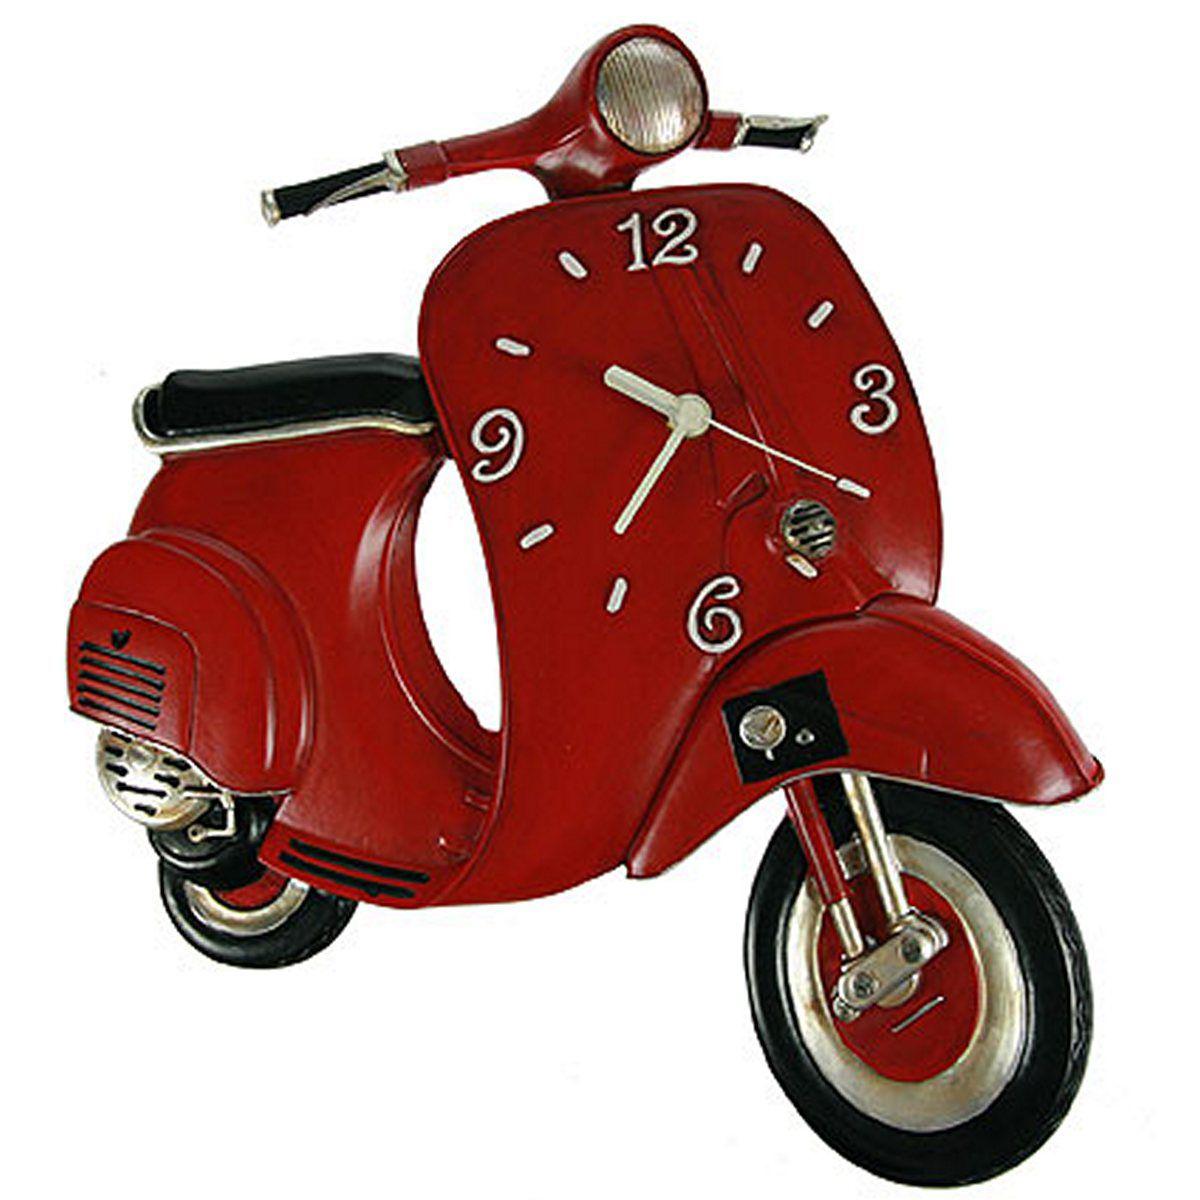 Часы настенные Русские Подарки Веспа, 32 х 7 х 37 см. 224867224867Настенные кварцевые часы Русские Подарки Веспа изготовлены из полистоуна. Корпус оригинально оформлен в виде мотороллера. Часы имеют три стрелки - часовую, минутную и секундную. С обратной стороны имеется петелька для подвешивания на стену. Такие часы красиво и необычно оформят интерьер дома или офиса. Также часы могут стать уникальным, полезным подарком для родственников, коллег, знакомых и близких. Часы работают от батареек типа АА (в комплект не входят).